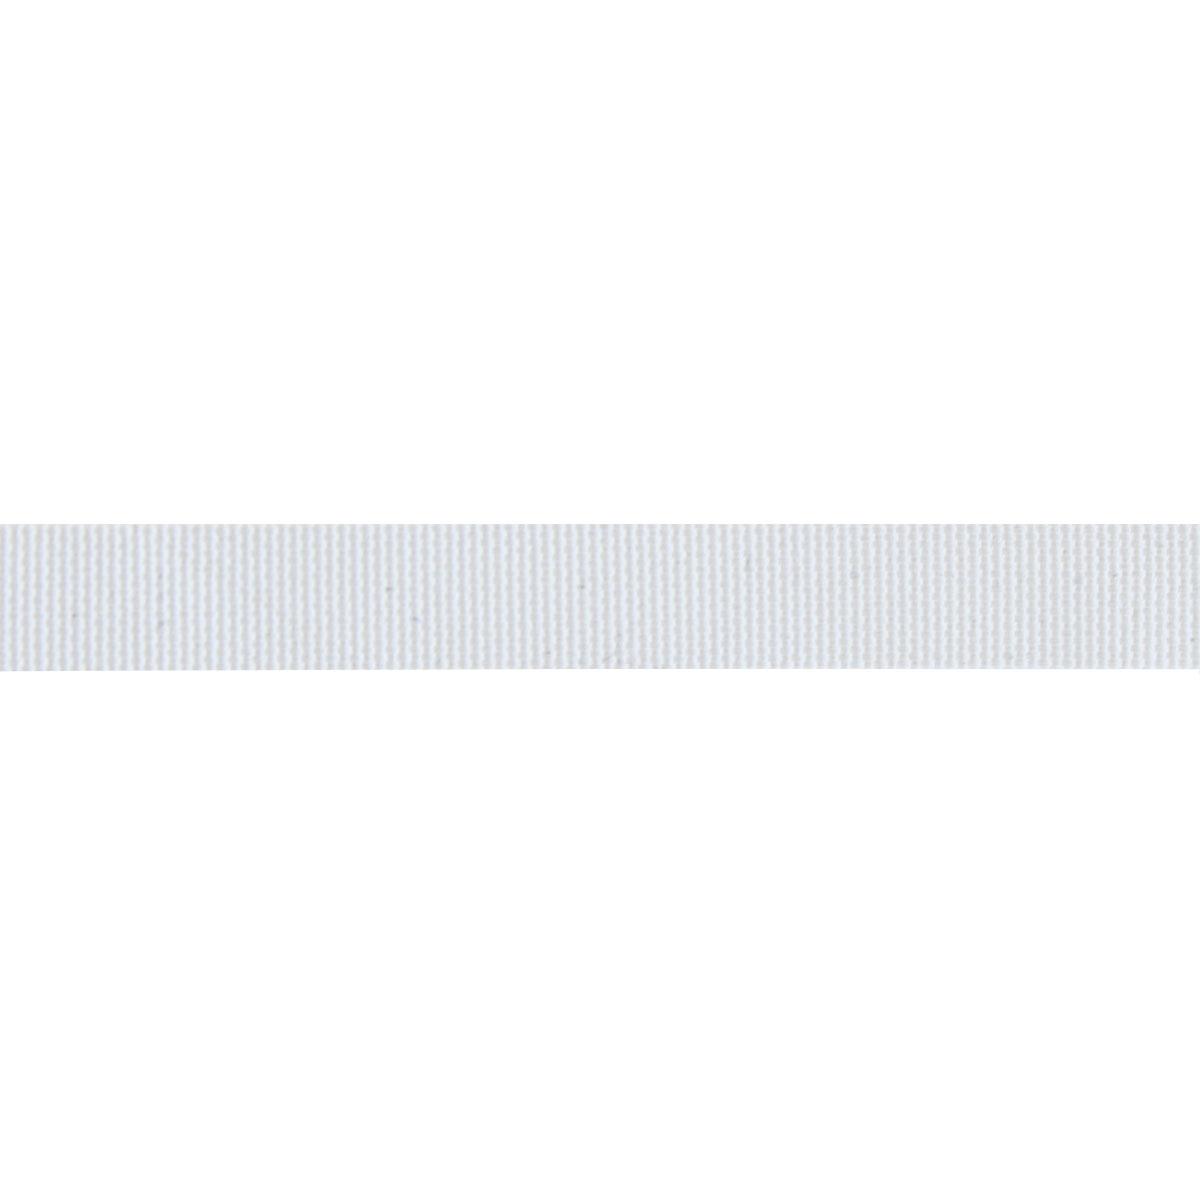 26-05005/6 Резинка латексная бел. ГР